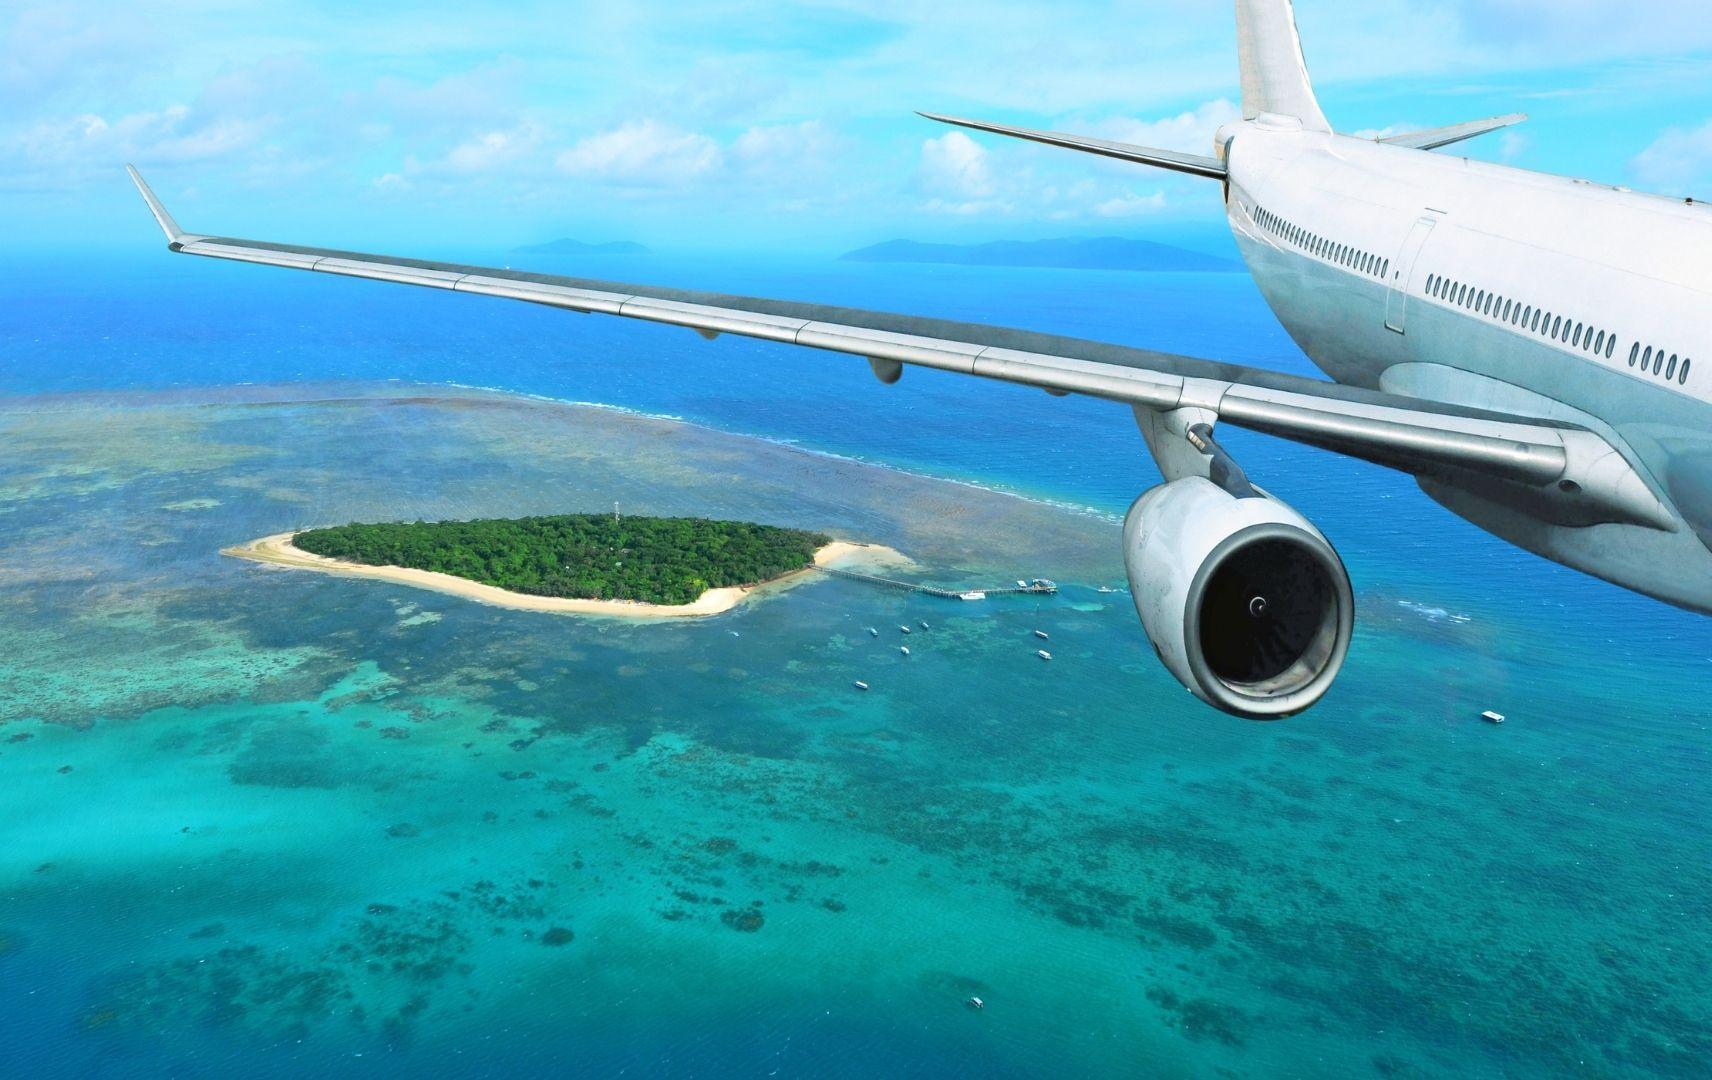 Flugzeug fliegt über Meer und Insel